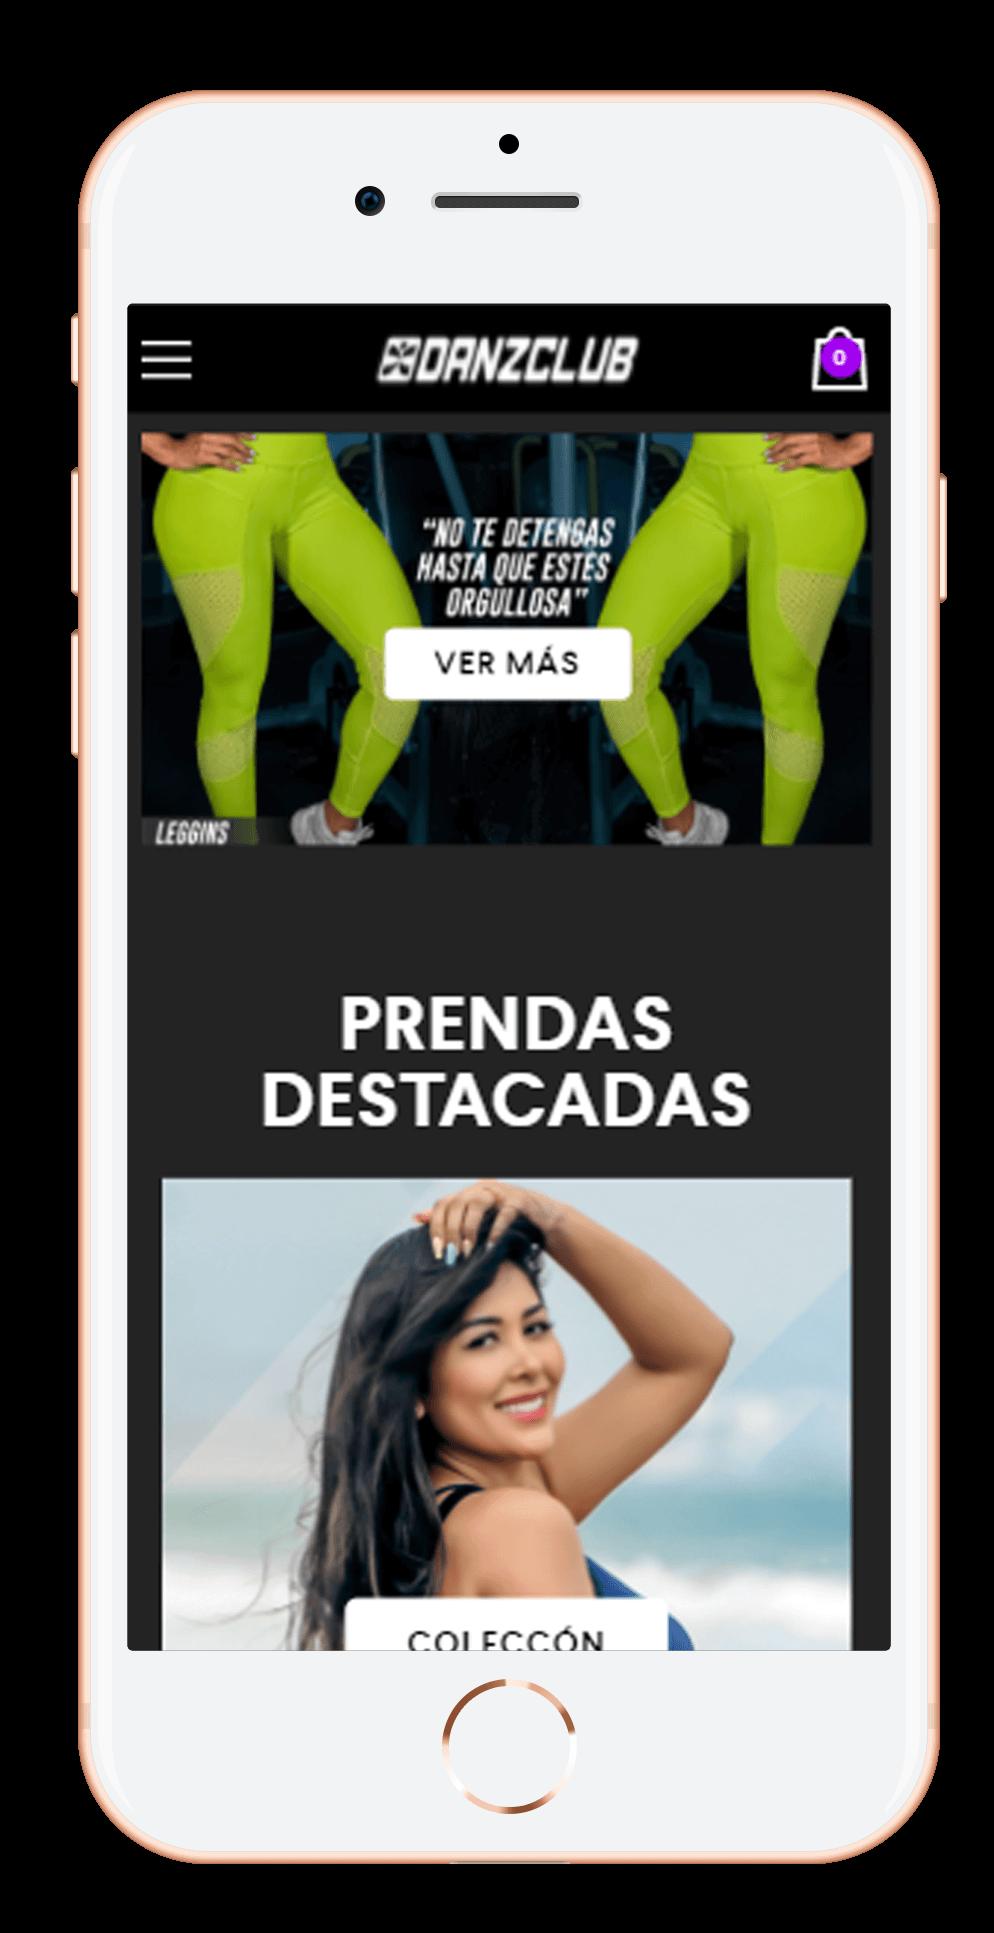 danzclub mobile 01